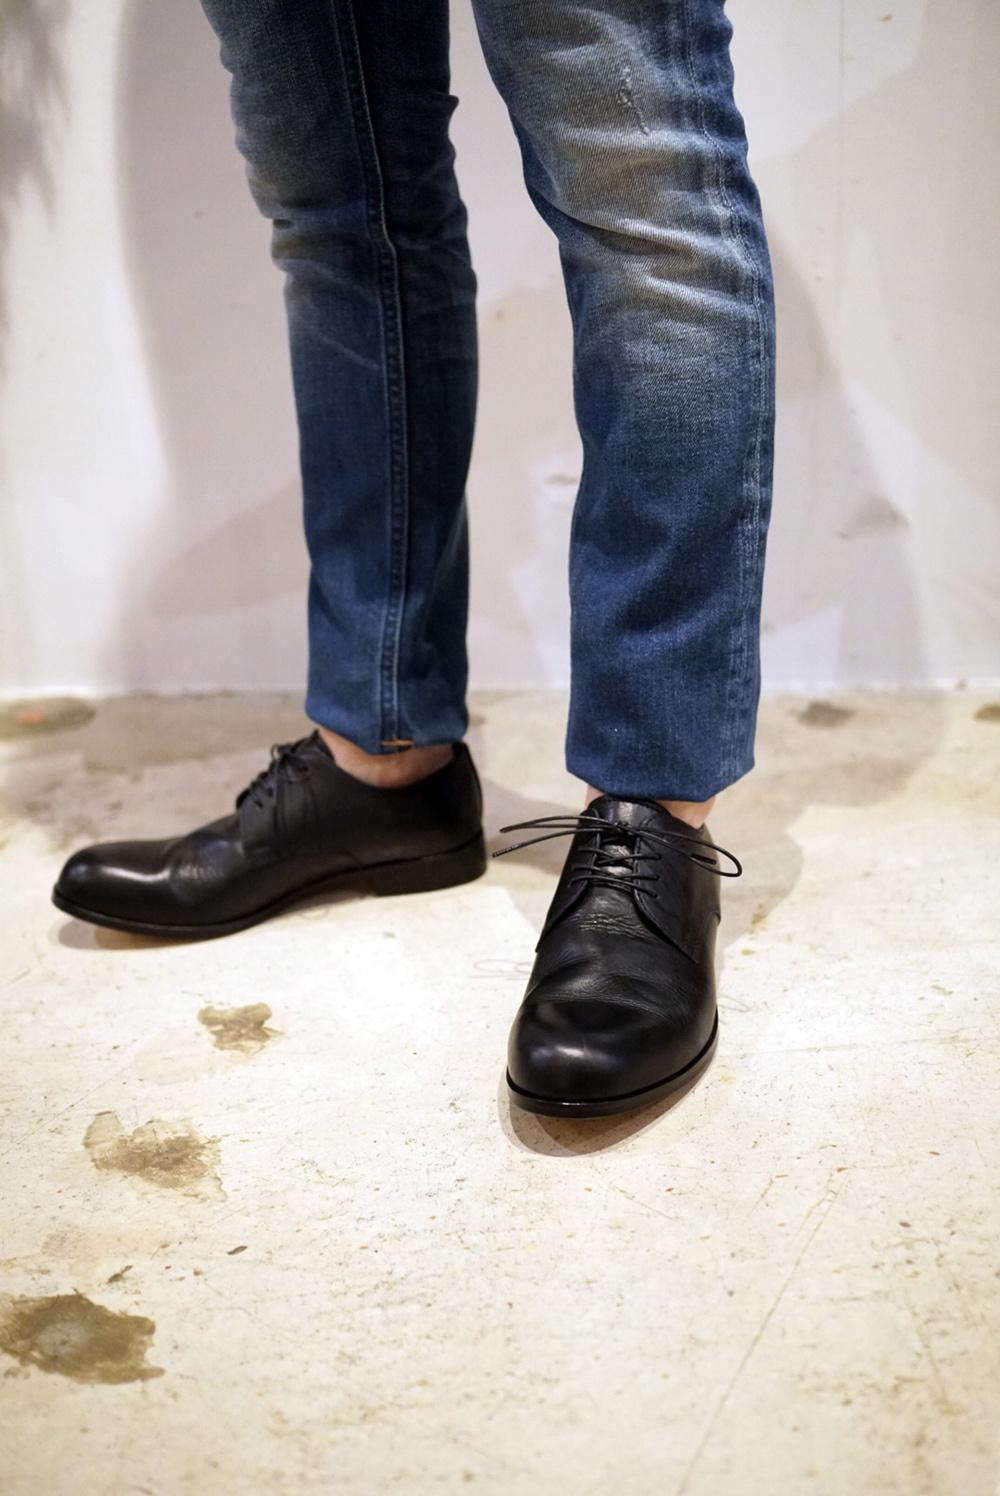 革靴を変えてますか?_a0155932_22291042.jpg